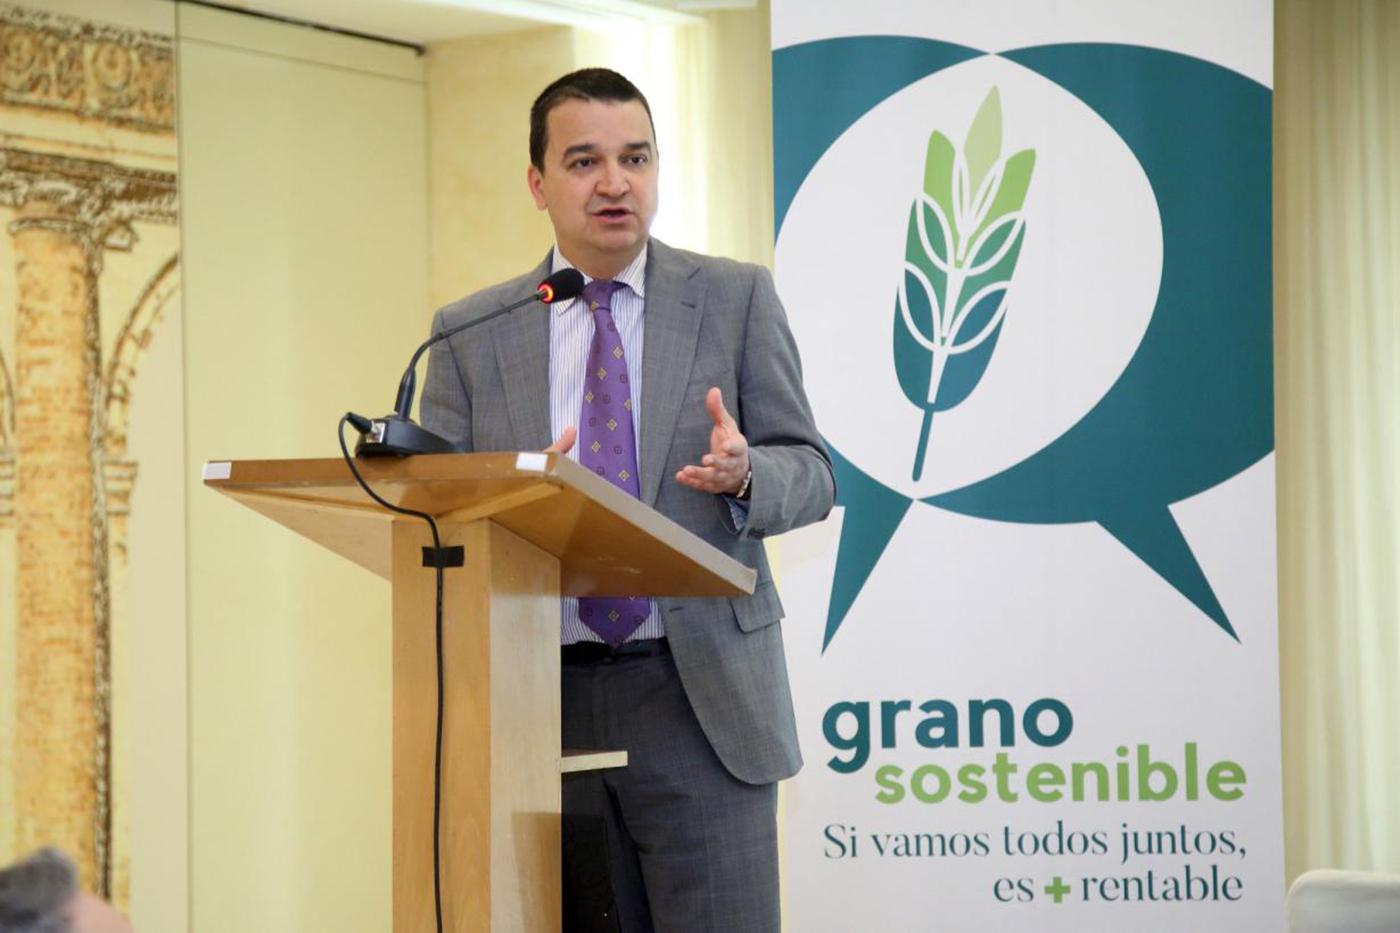 Castilla -La Mancha pide que se combata a nivel nacional la reducción del presupuesto de la PAC defendiendo a los agricultores y ganaderos